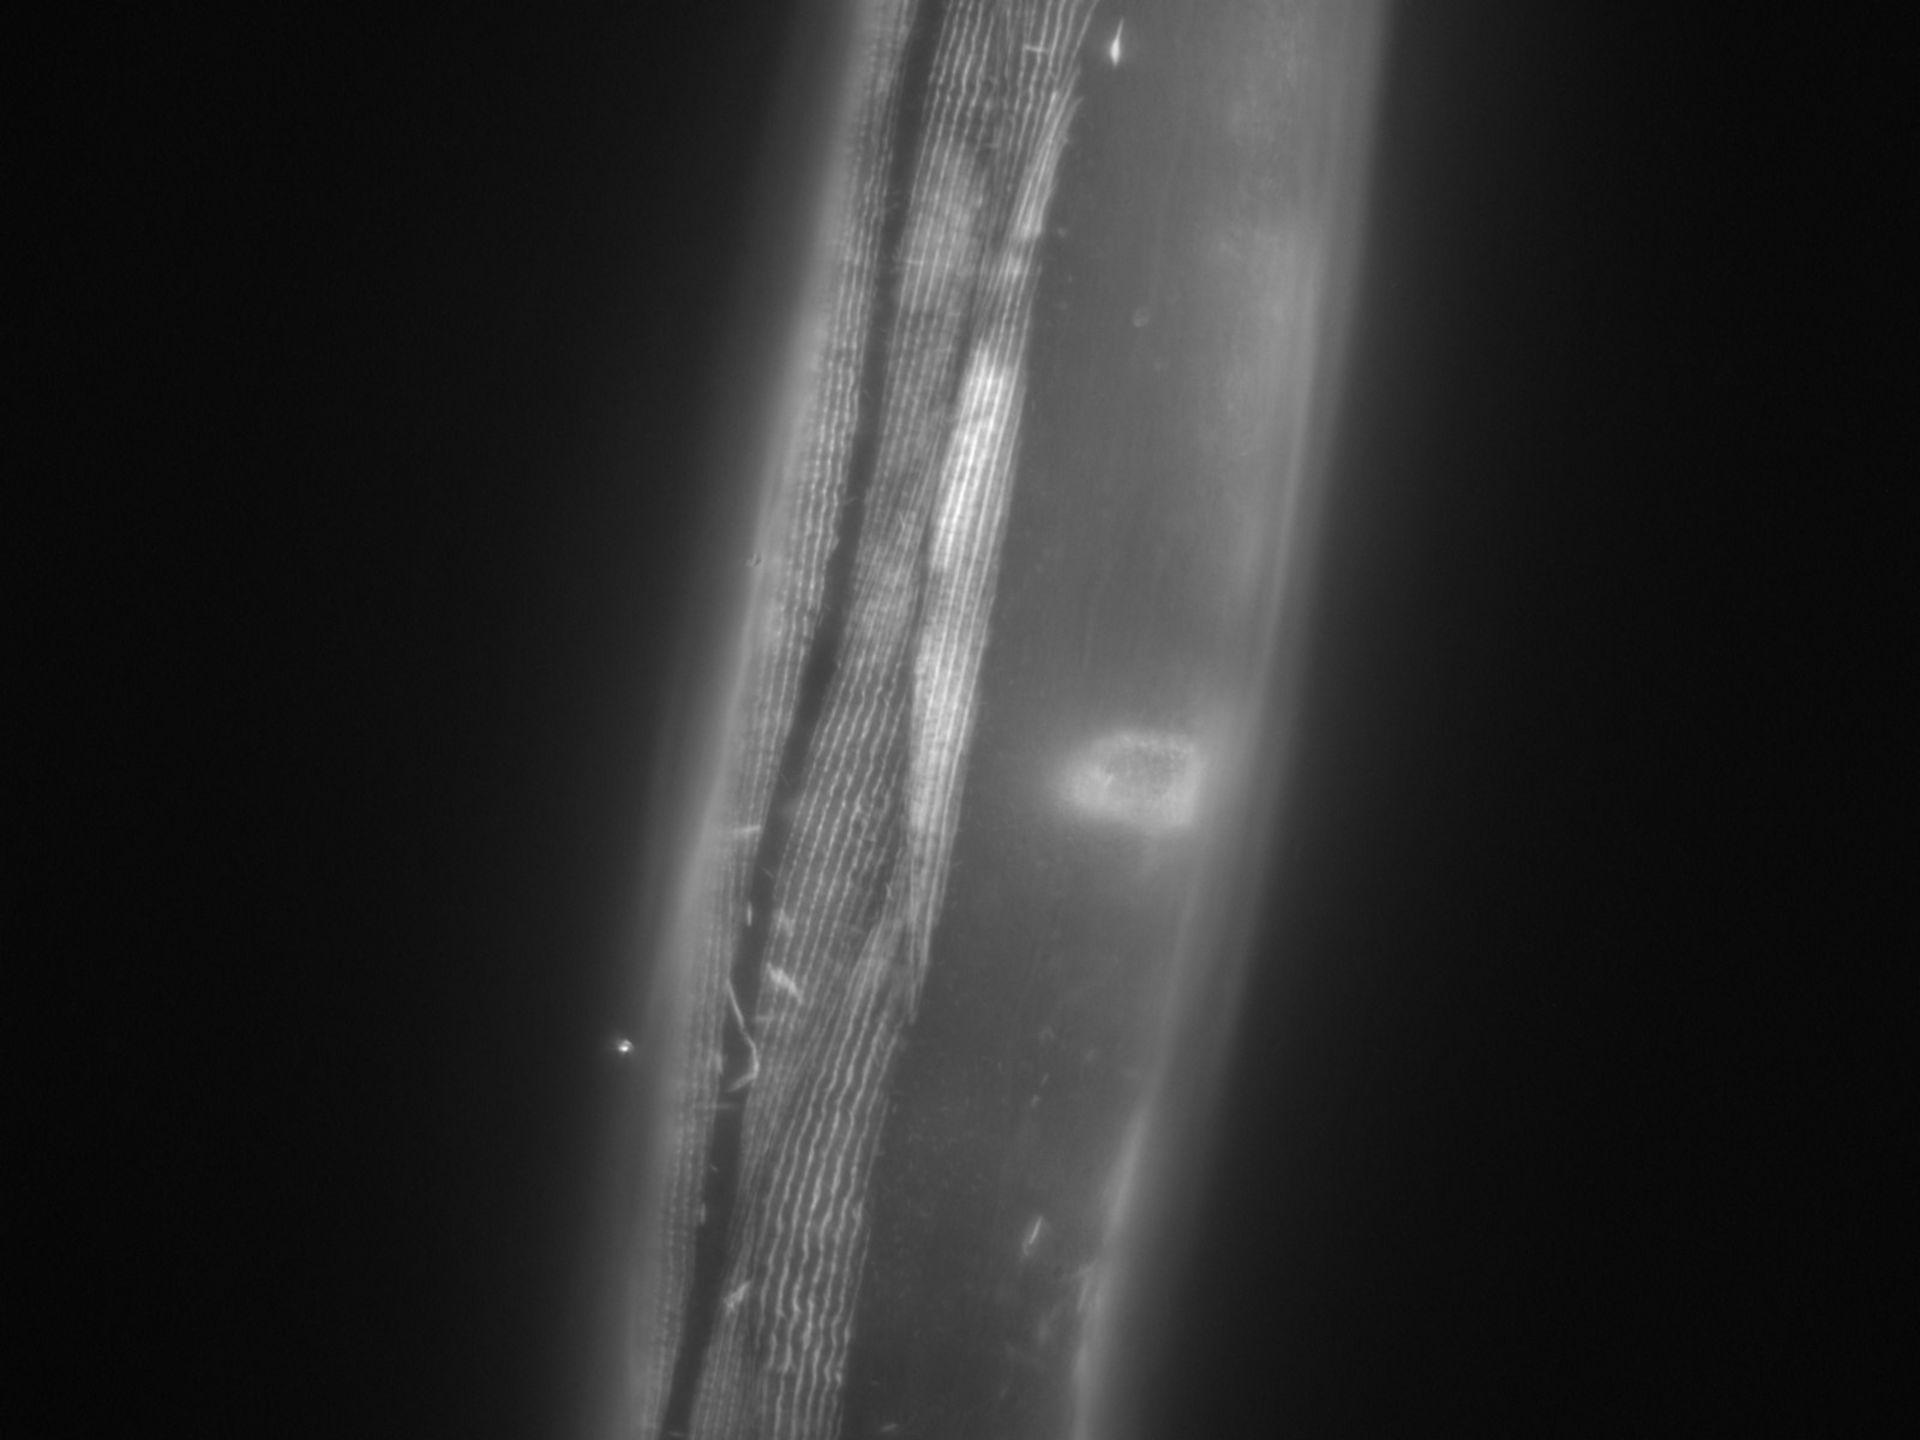 Caenorhabditis elegans (Actin filament) - CIL:1015